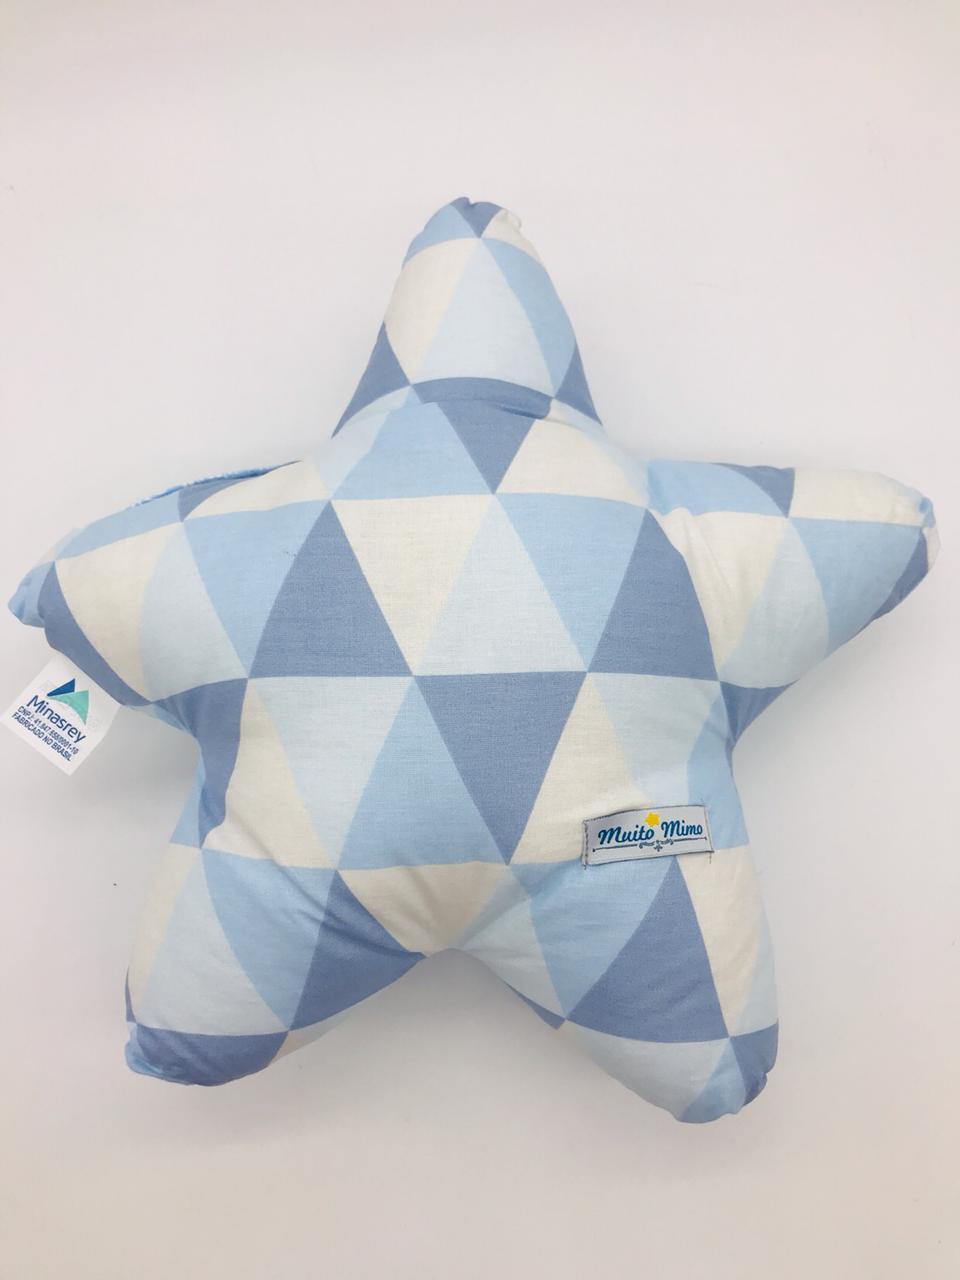 Almofada Estrela Triangulo Azul - m Mimo Minasrey Ref 5549